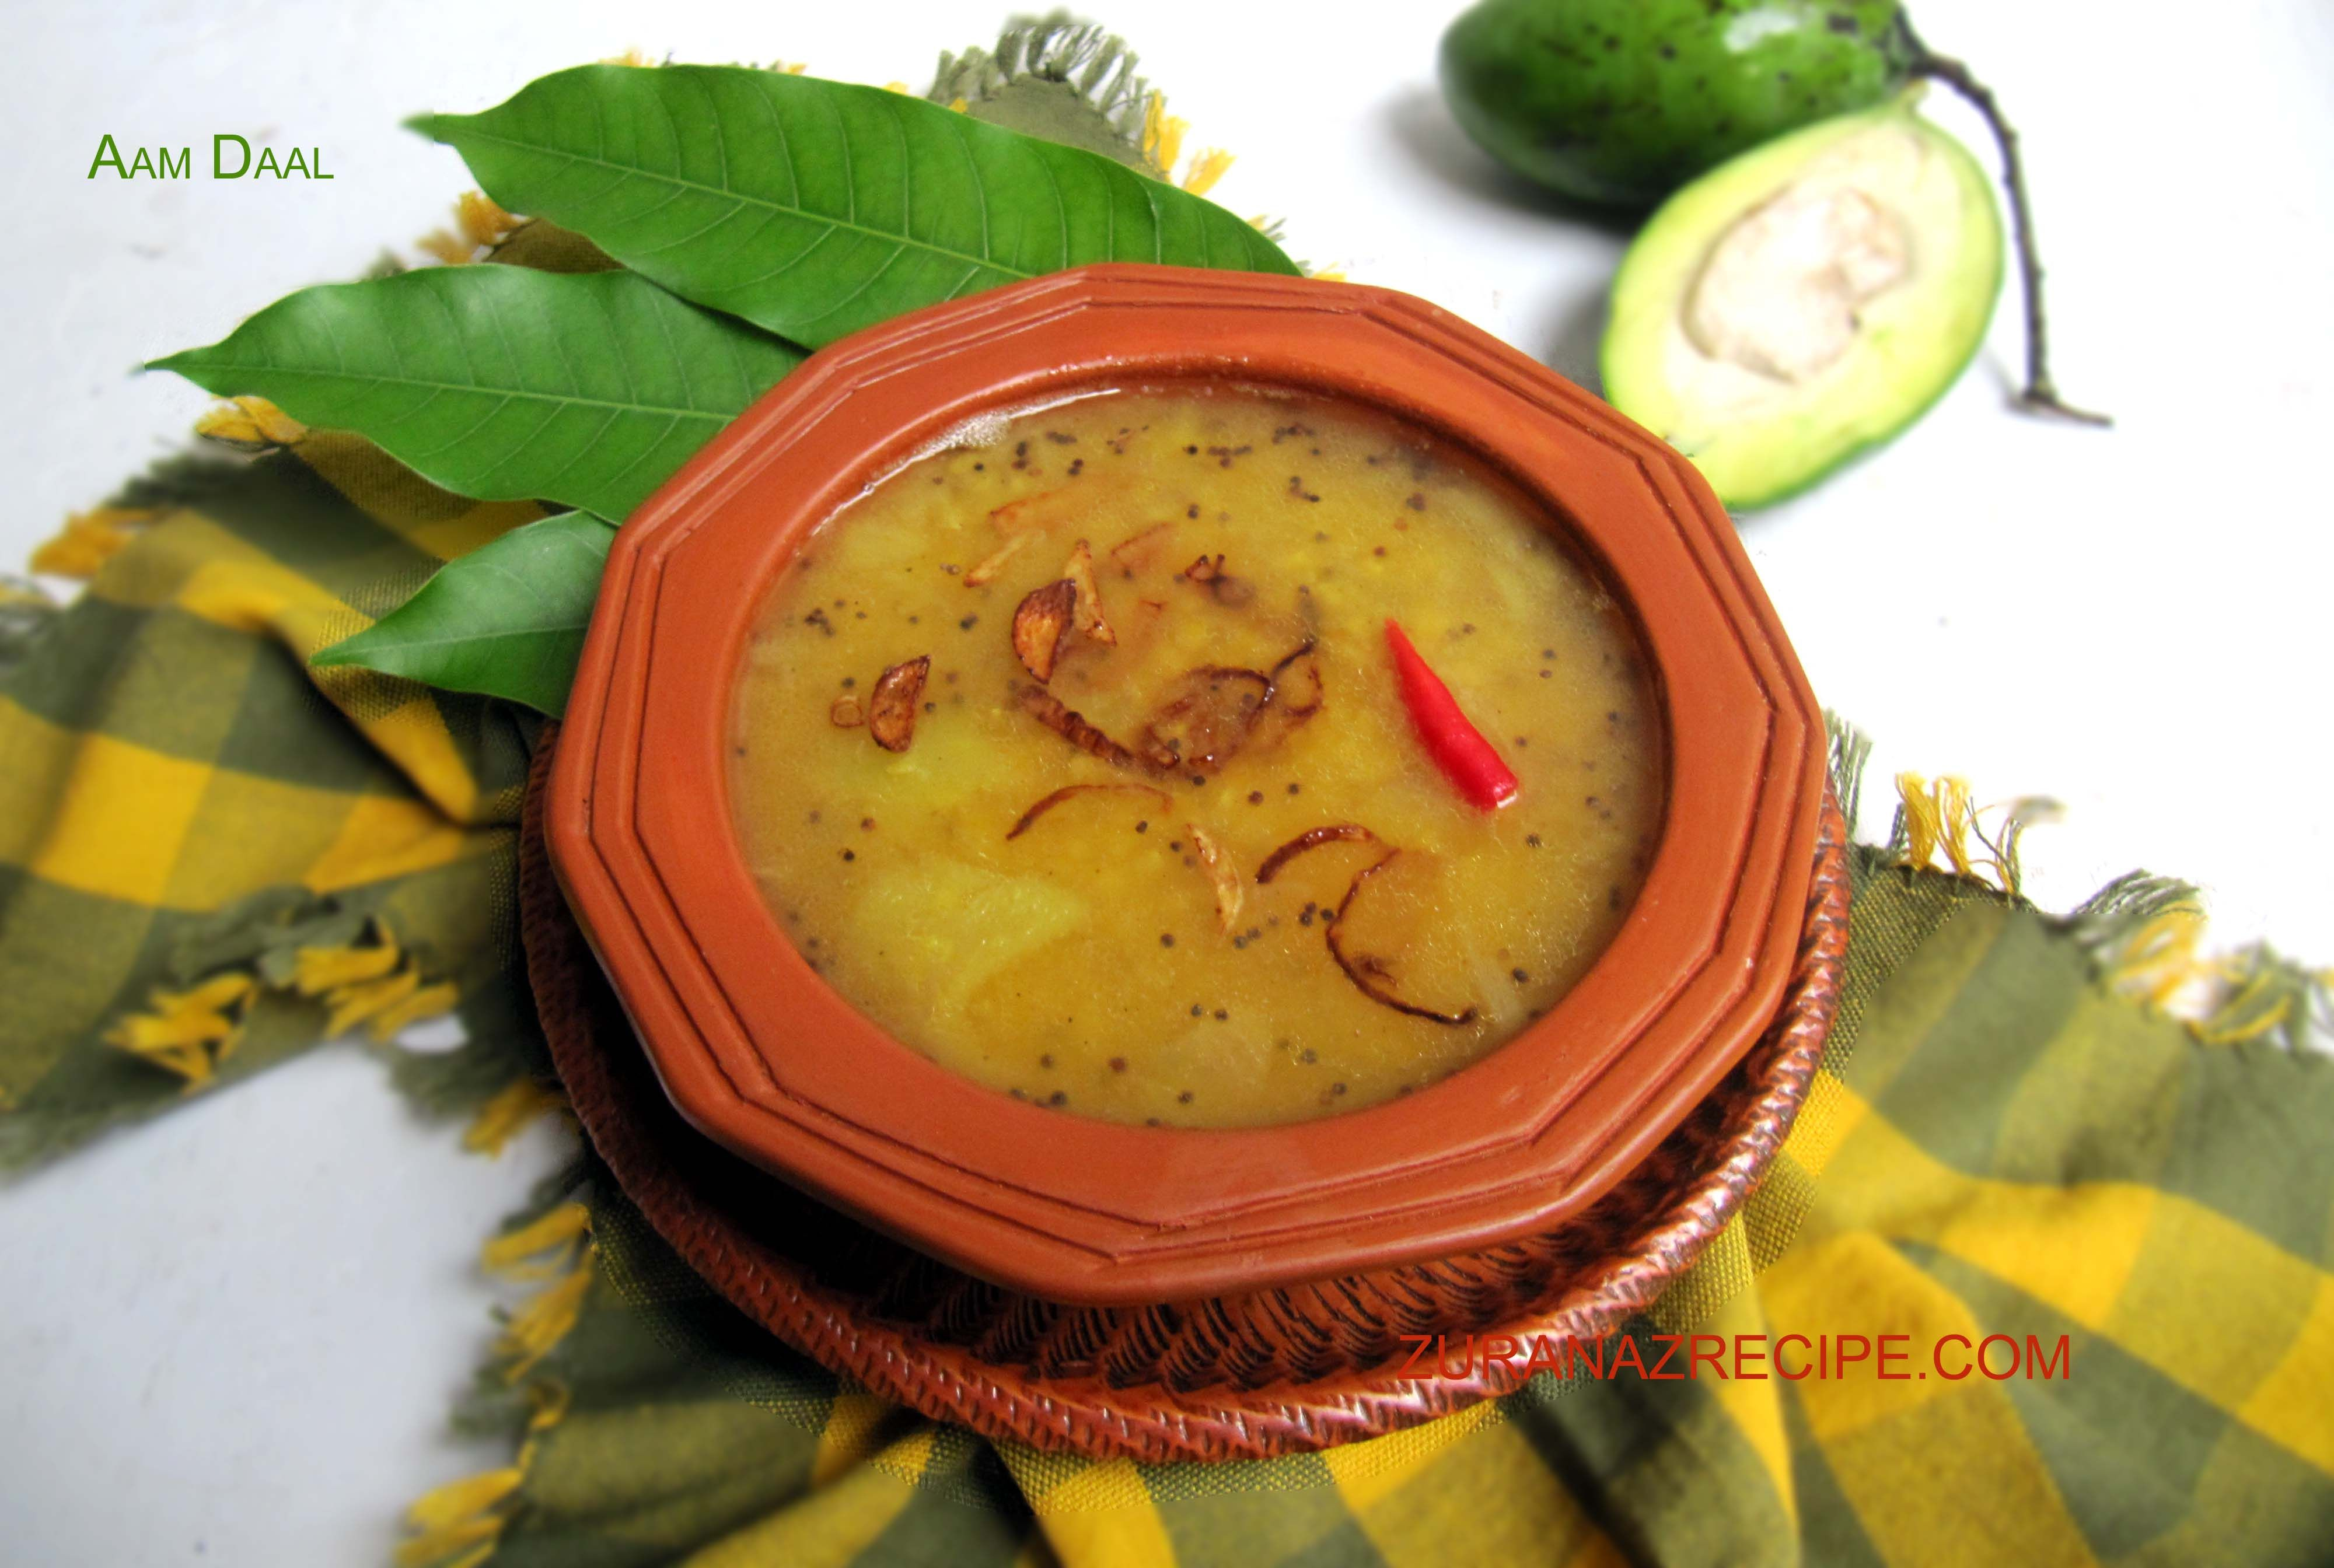 Aam daalkacha aame daalgreen mango lentil bangla bangladeshi aam daalkacha aame daalgreen mango lentil bangla bangladeshi forumfinder Gallery